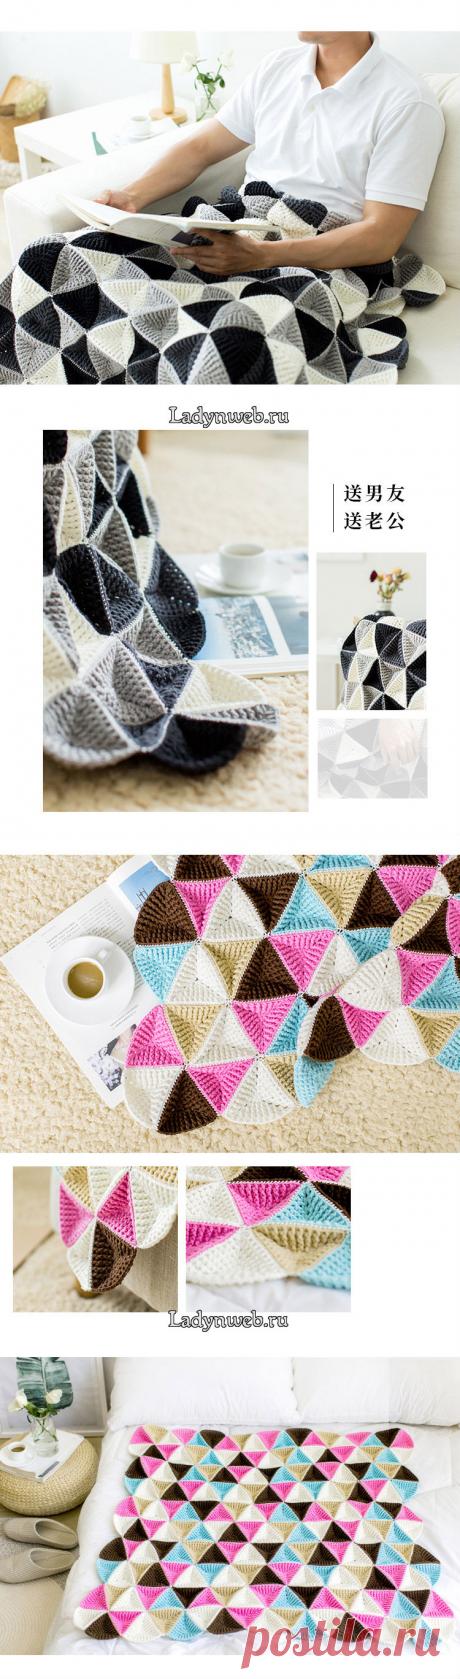 Плед из треугольных мотивов крючком схема | Ladynweb.ru